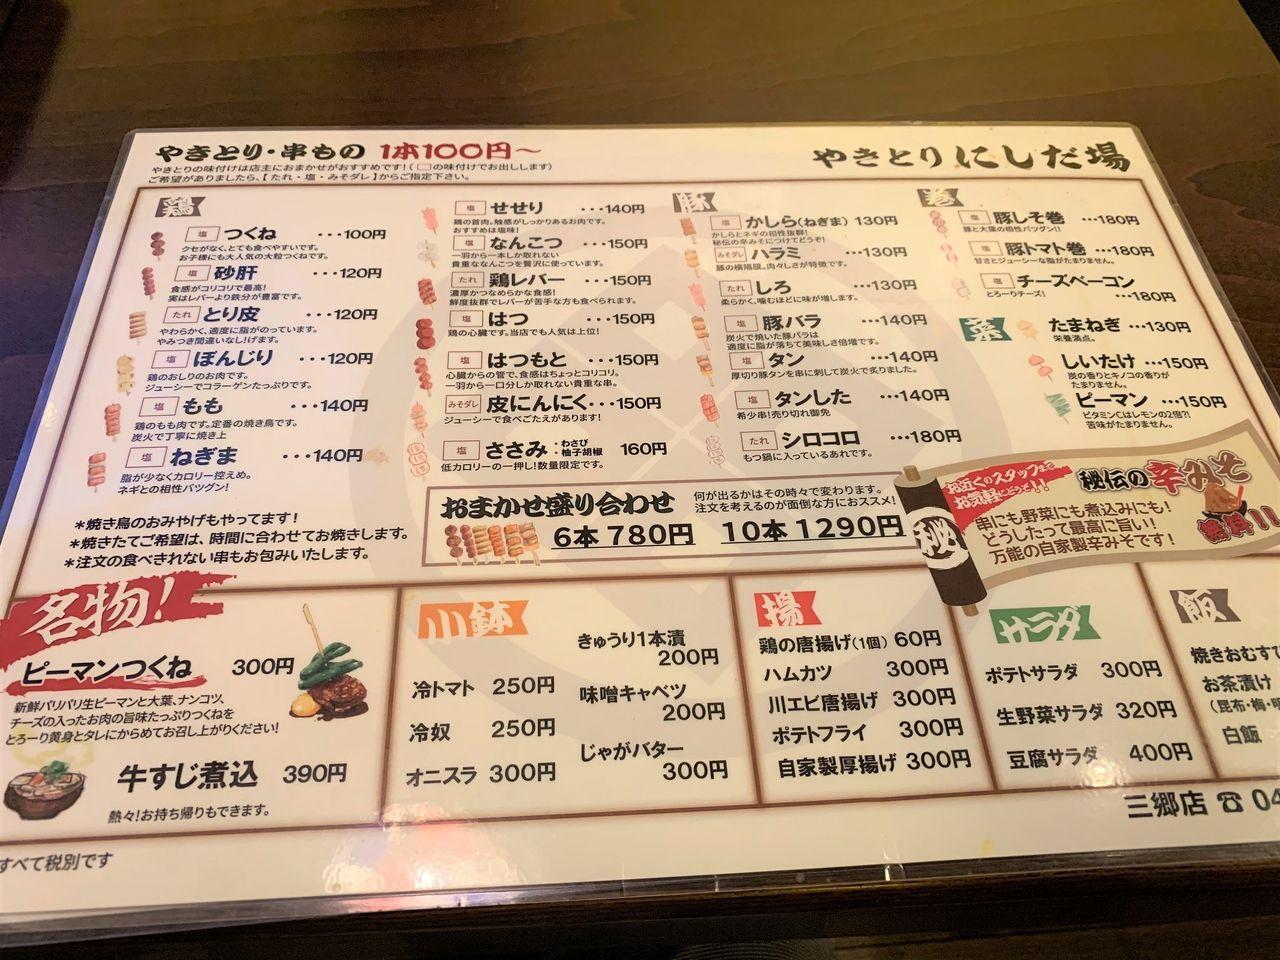 【三郷市食べ歩きブログ】三郷駅南口すぐ「やきとり にしだ場」にやっと行けました!